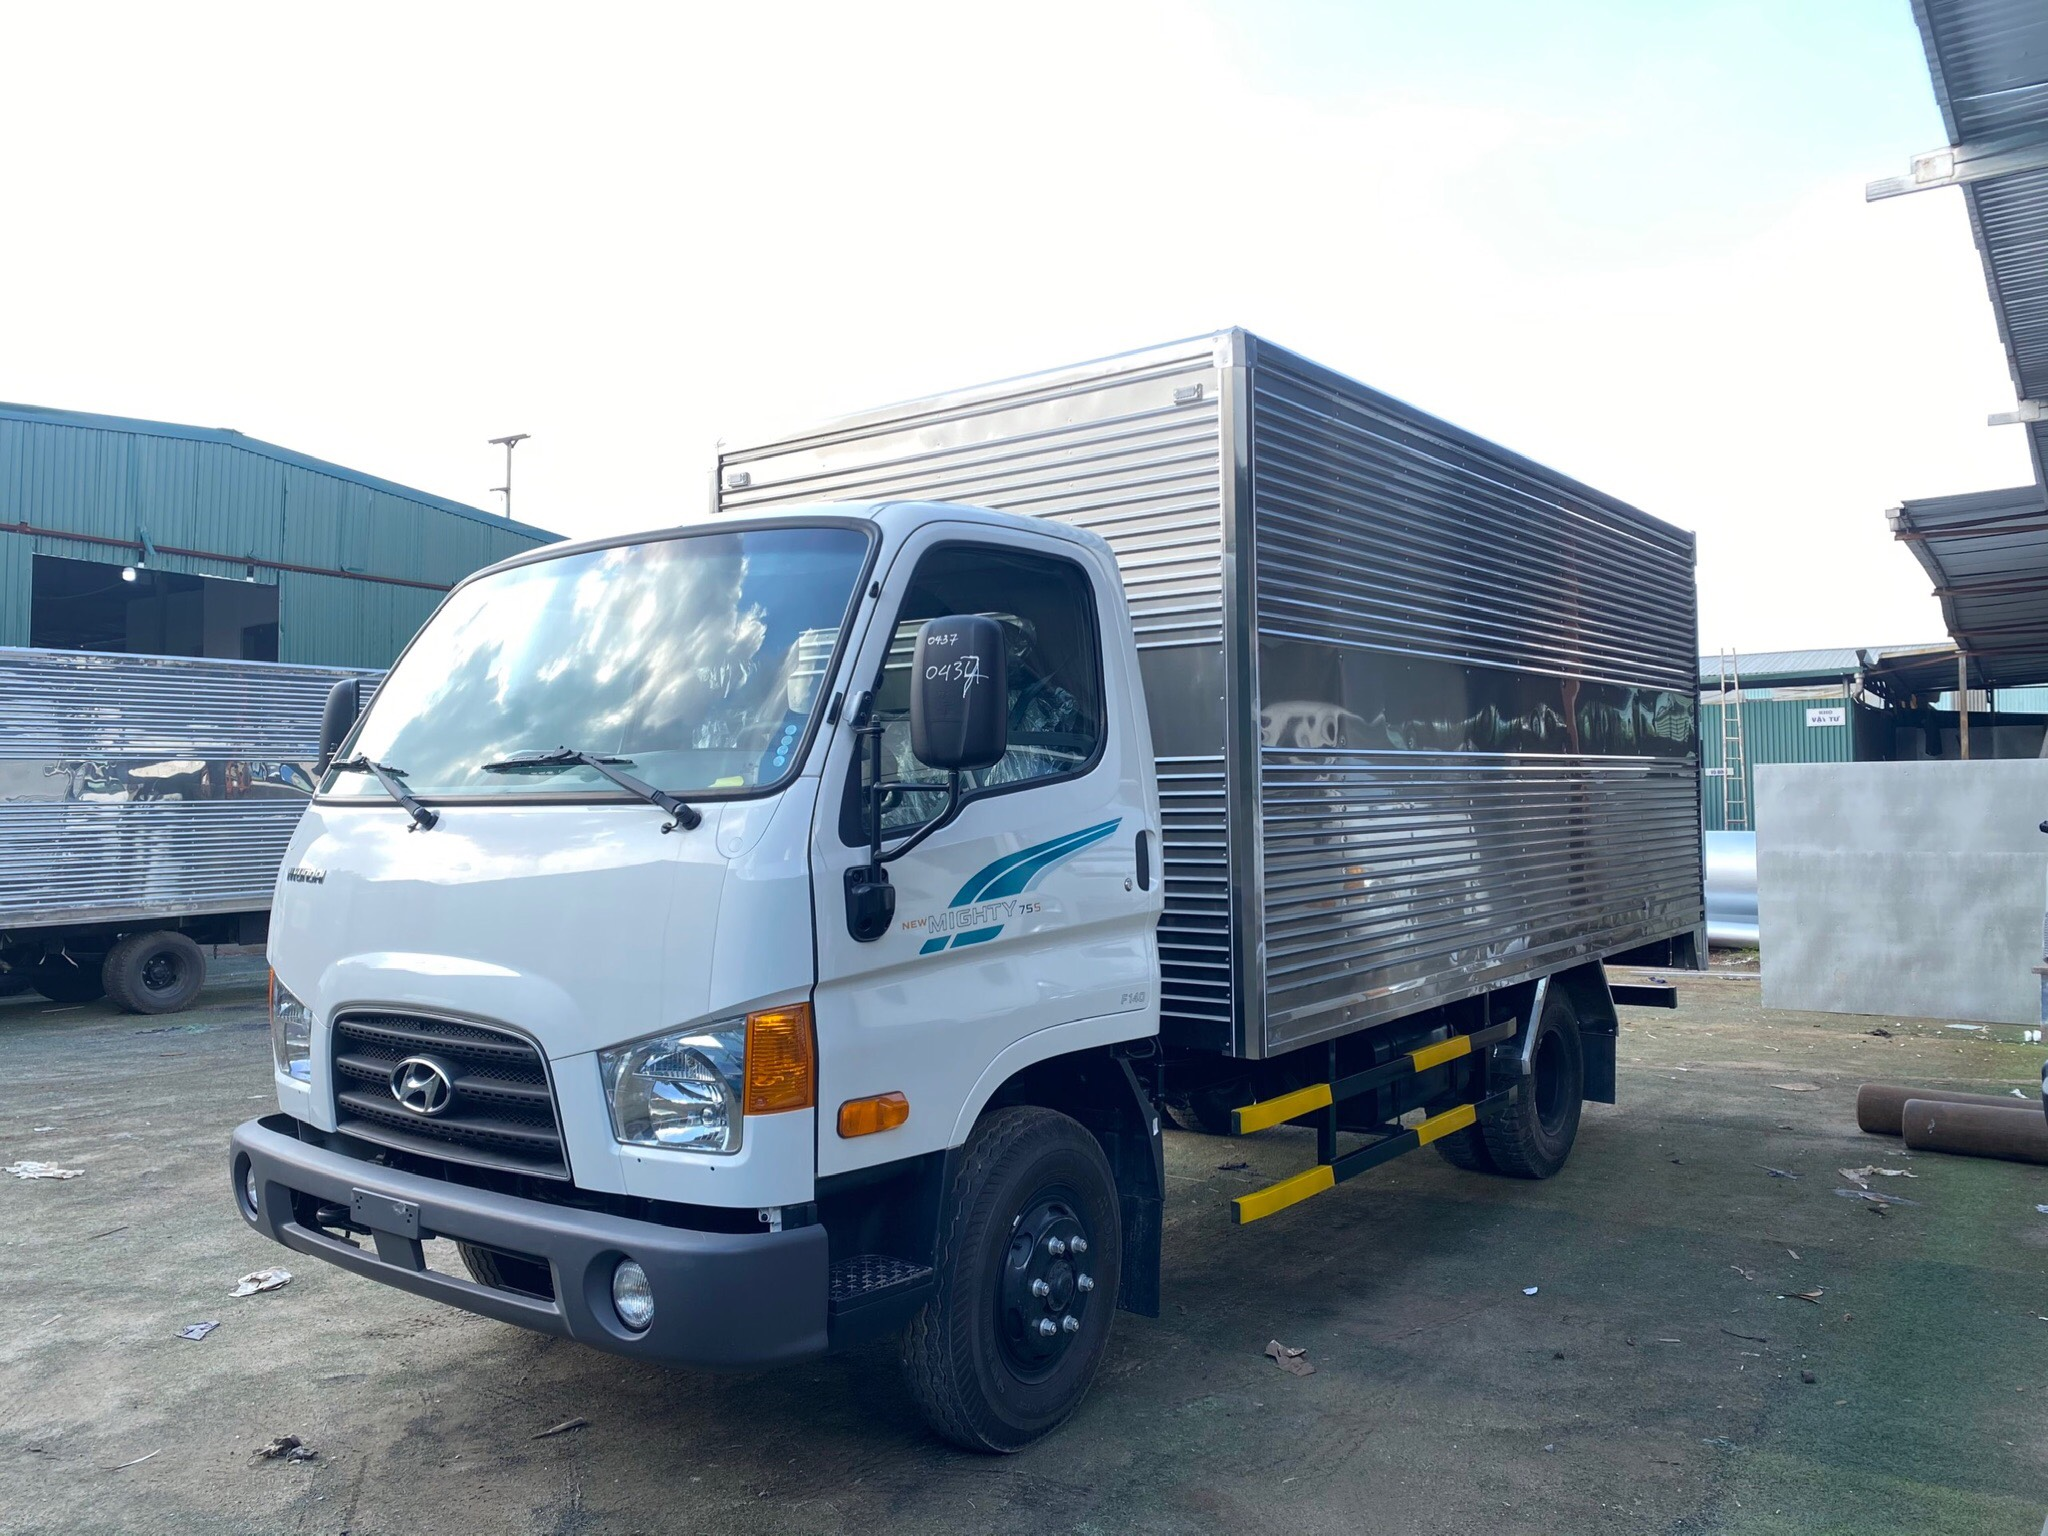 Bán xe tải Hyundai 75s tại Ninh Bình